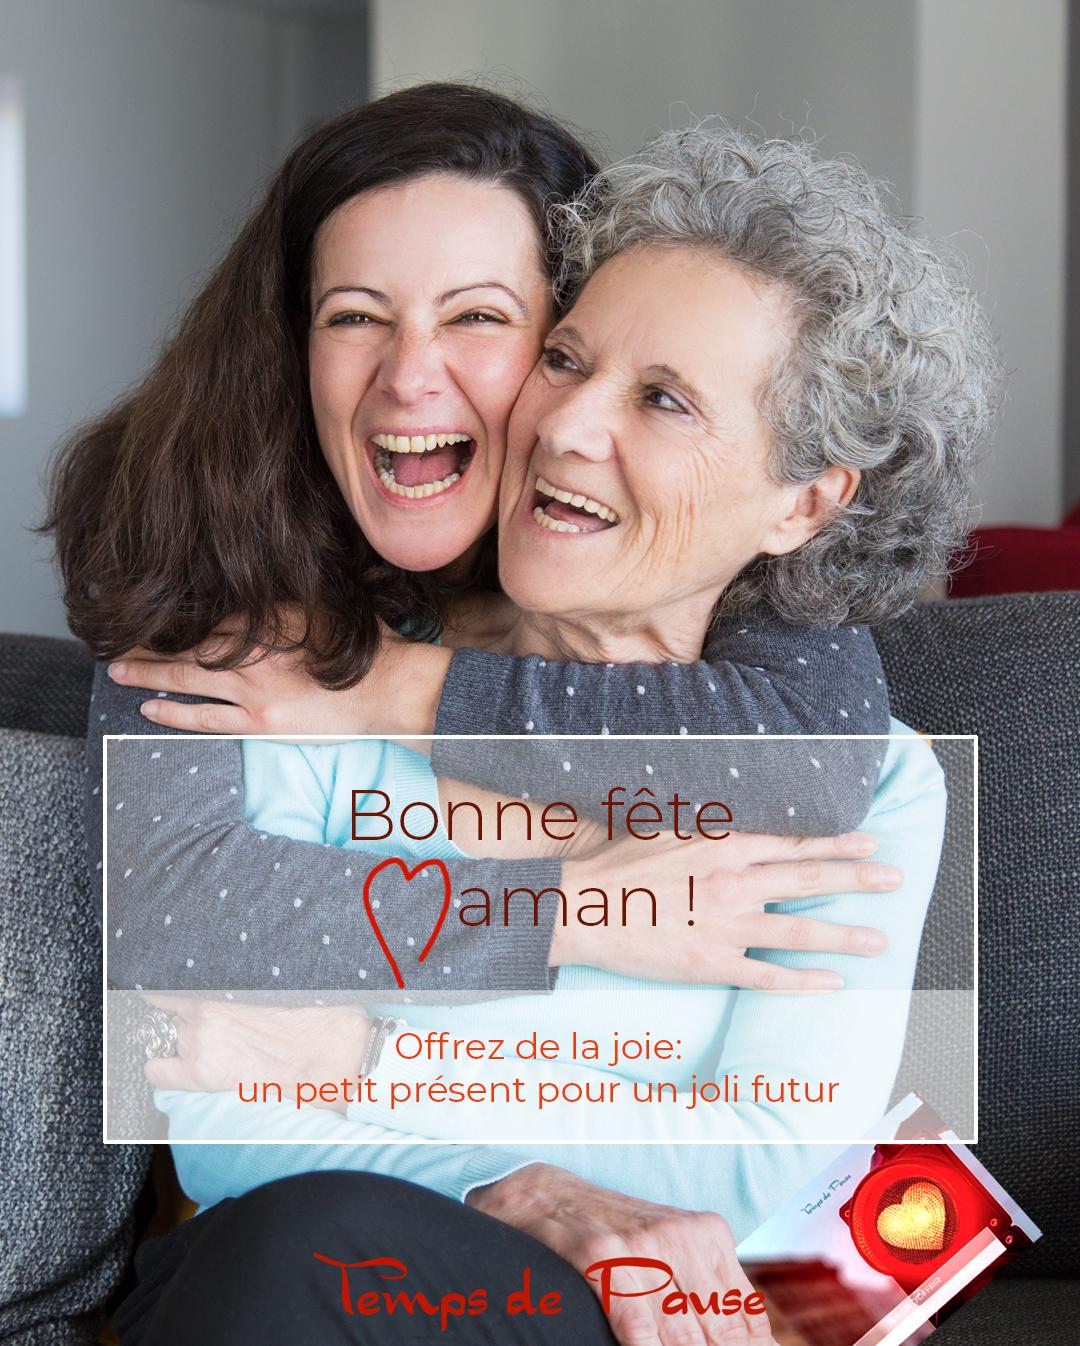 https://www.temps-de-pause.fr/la-carte-cadeau-temps-de-pause/